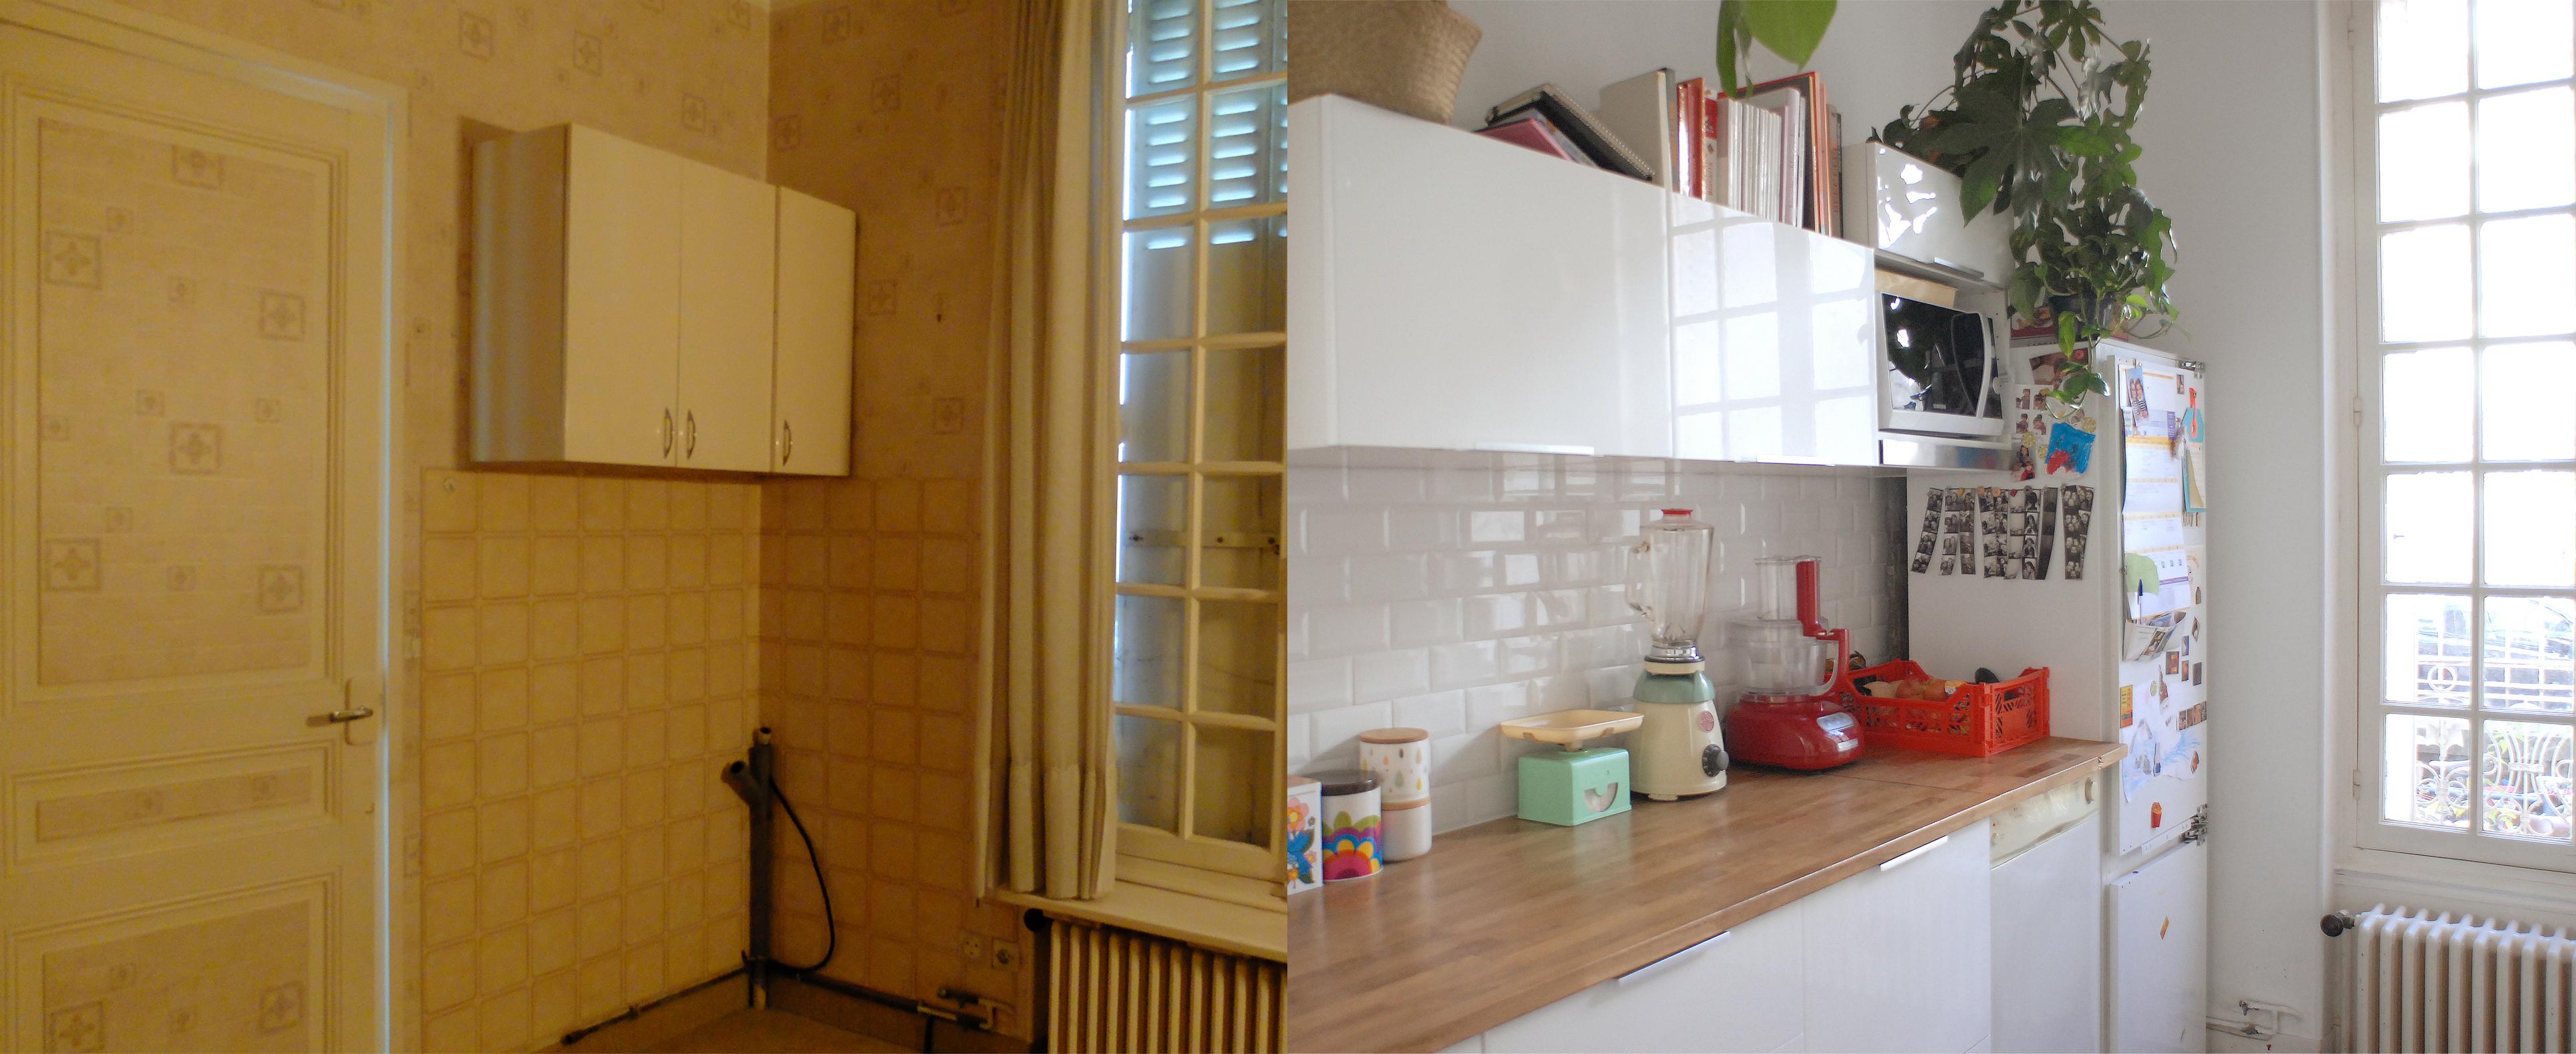 La jolie cuisine for Jolie cuisine